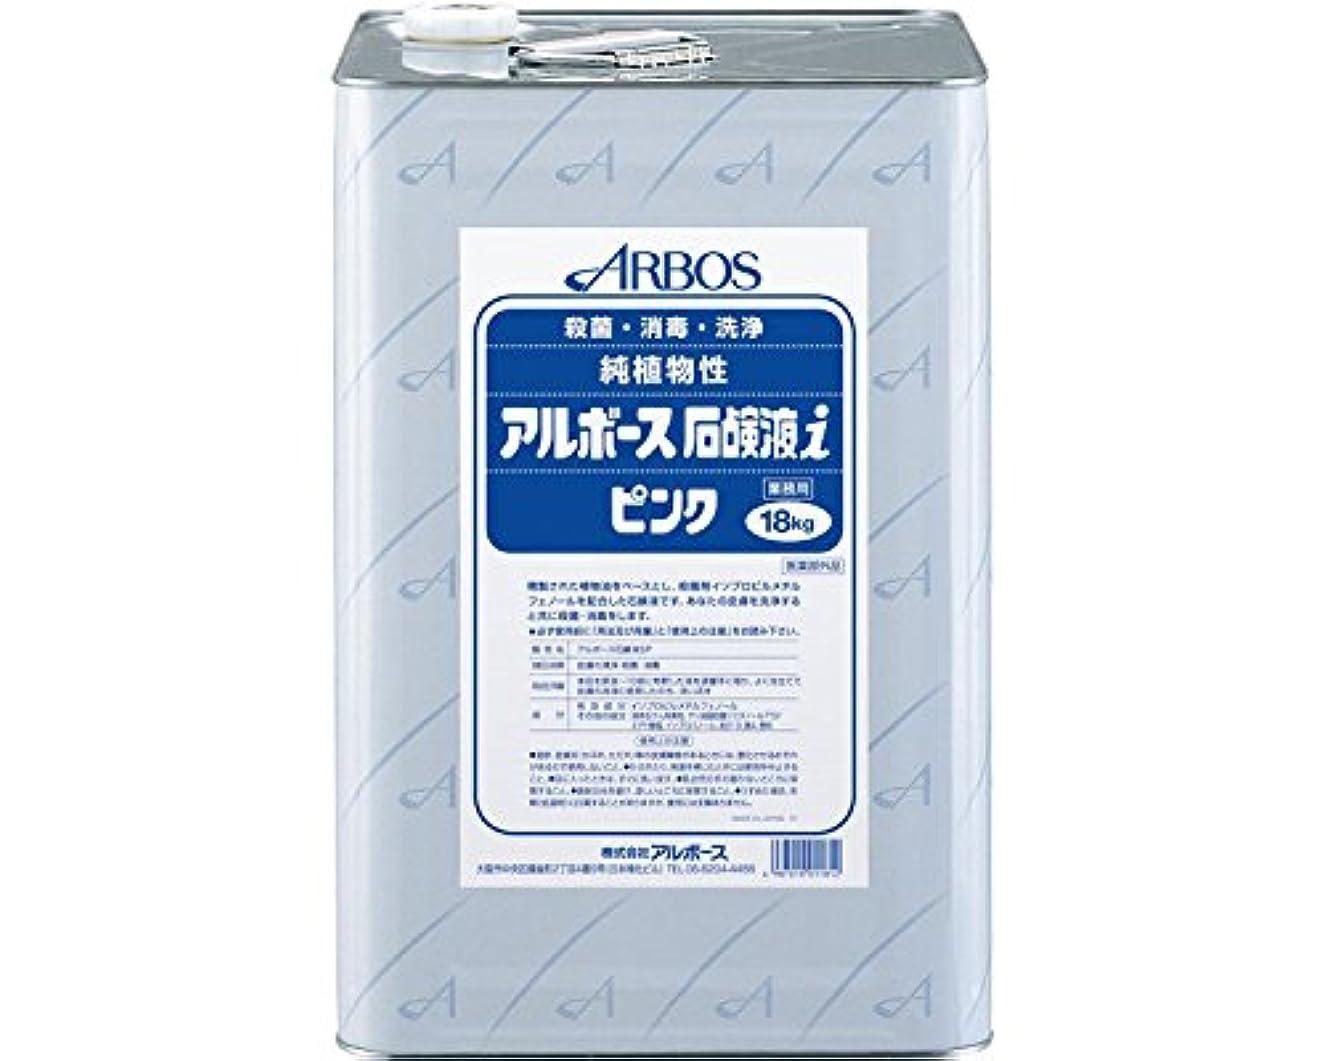 アソシエイトではごきげんよう稼ぐアルボース石鹸液i ピンク 18kg (アルボース)